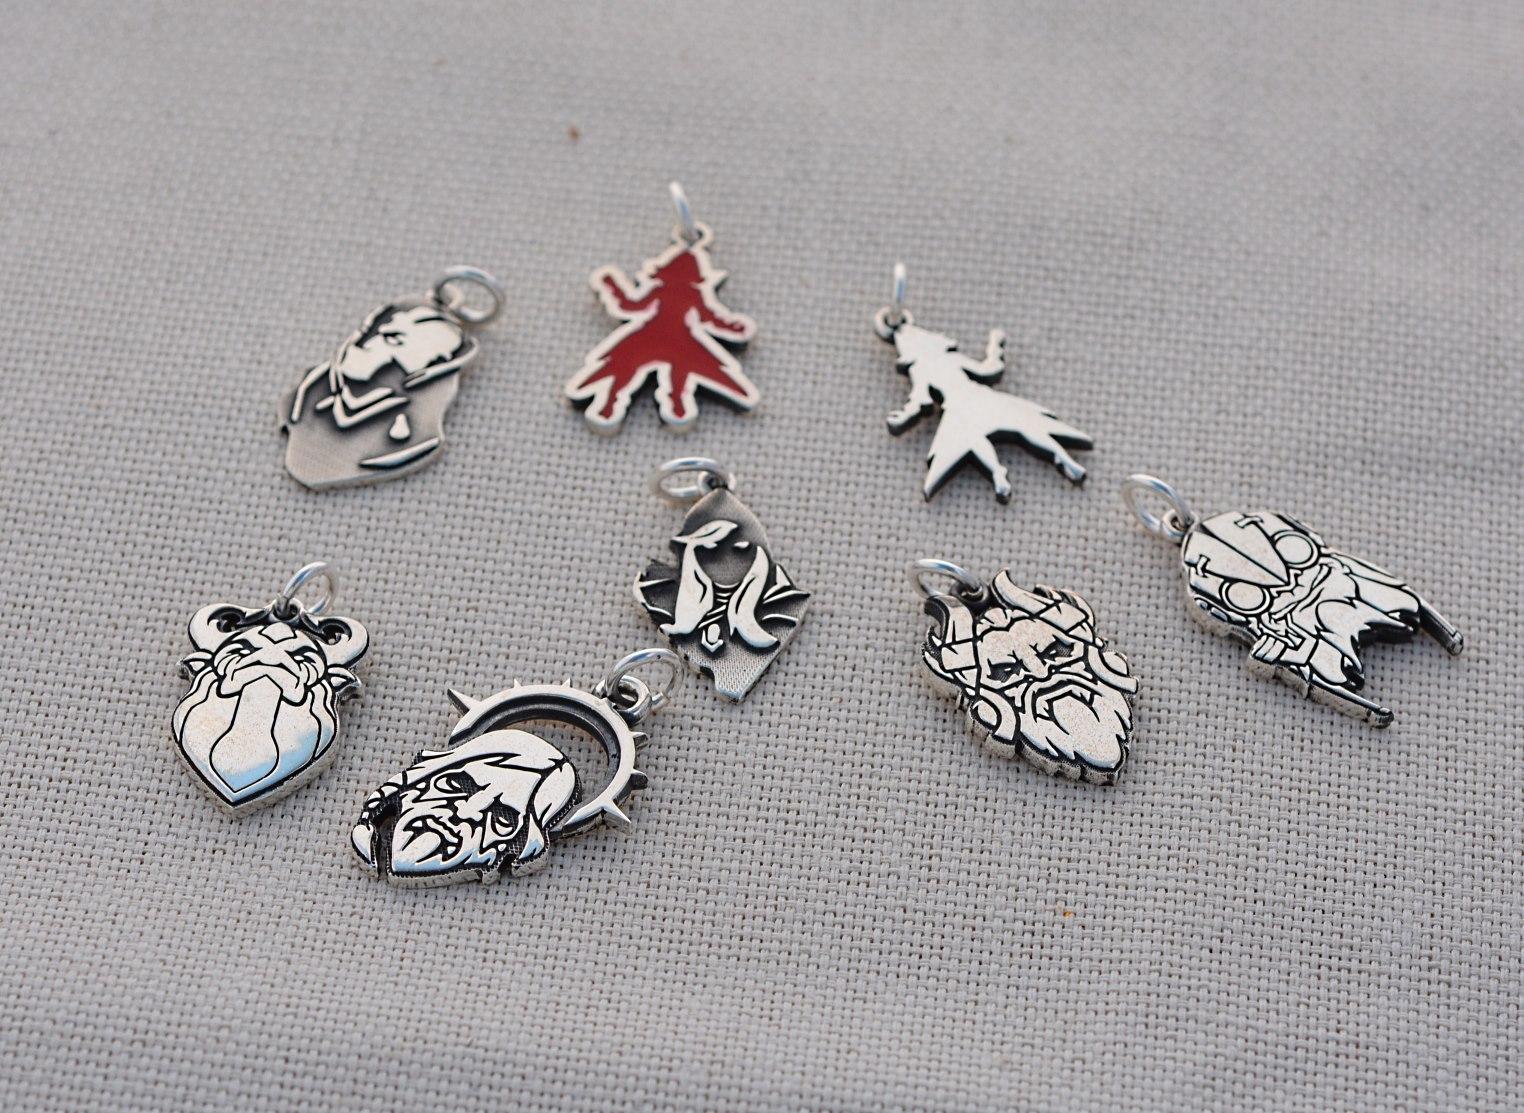 gemer jewelry worldofjewelcrDSC_0507